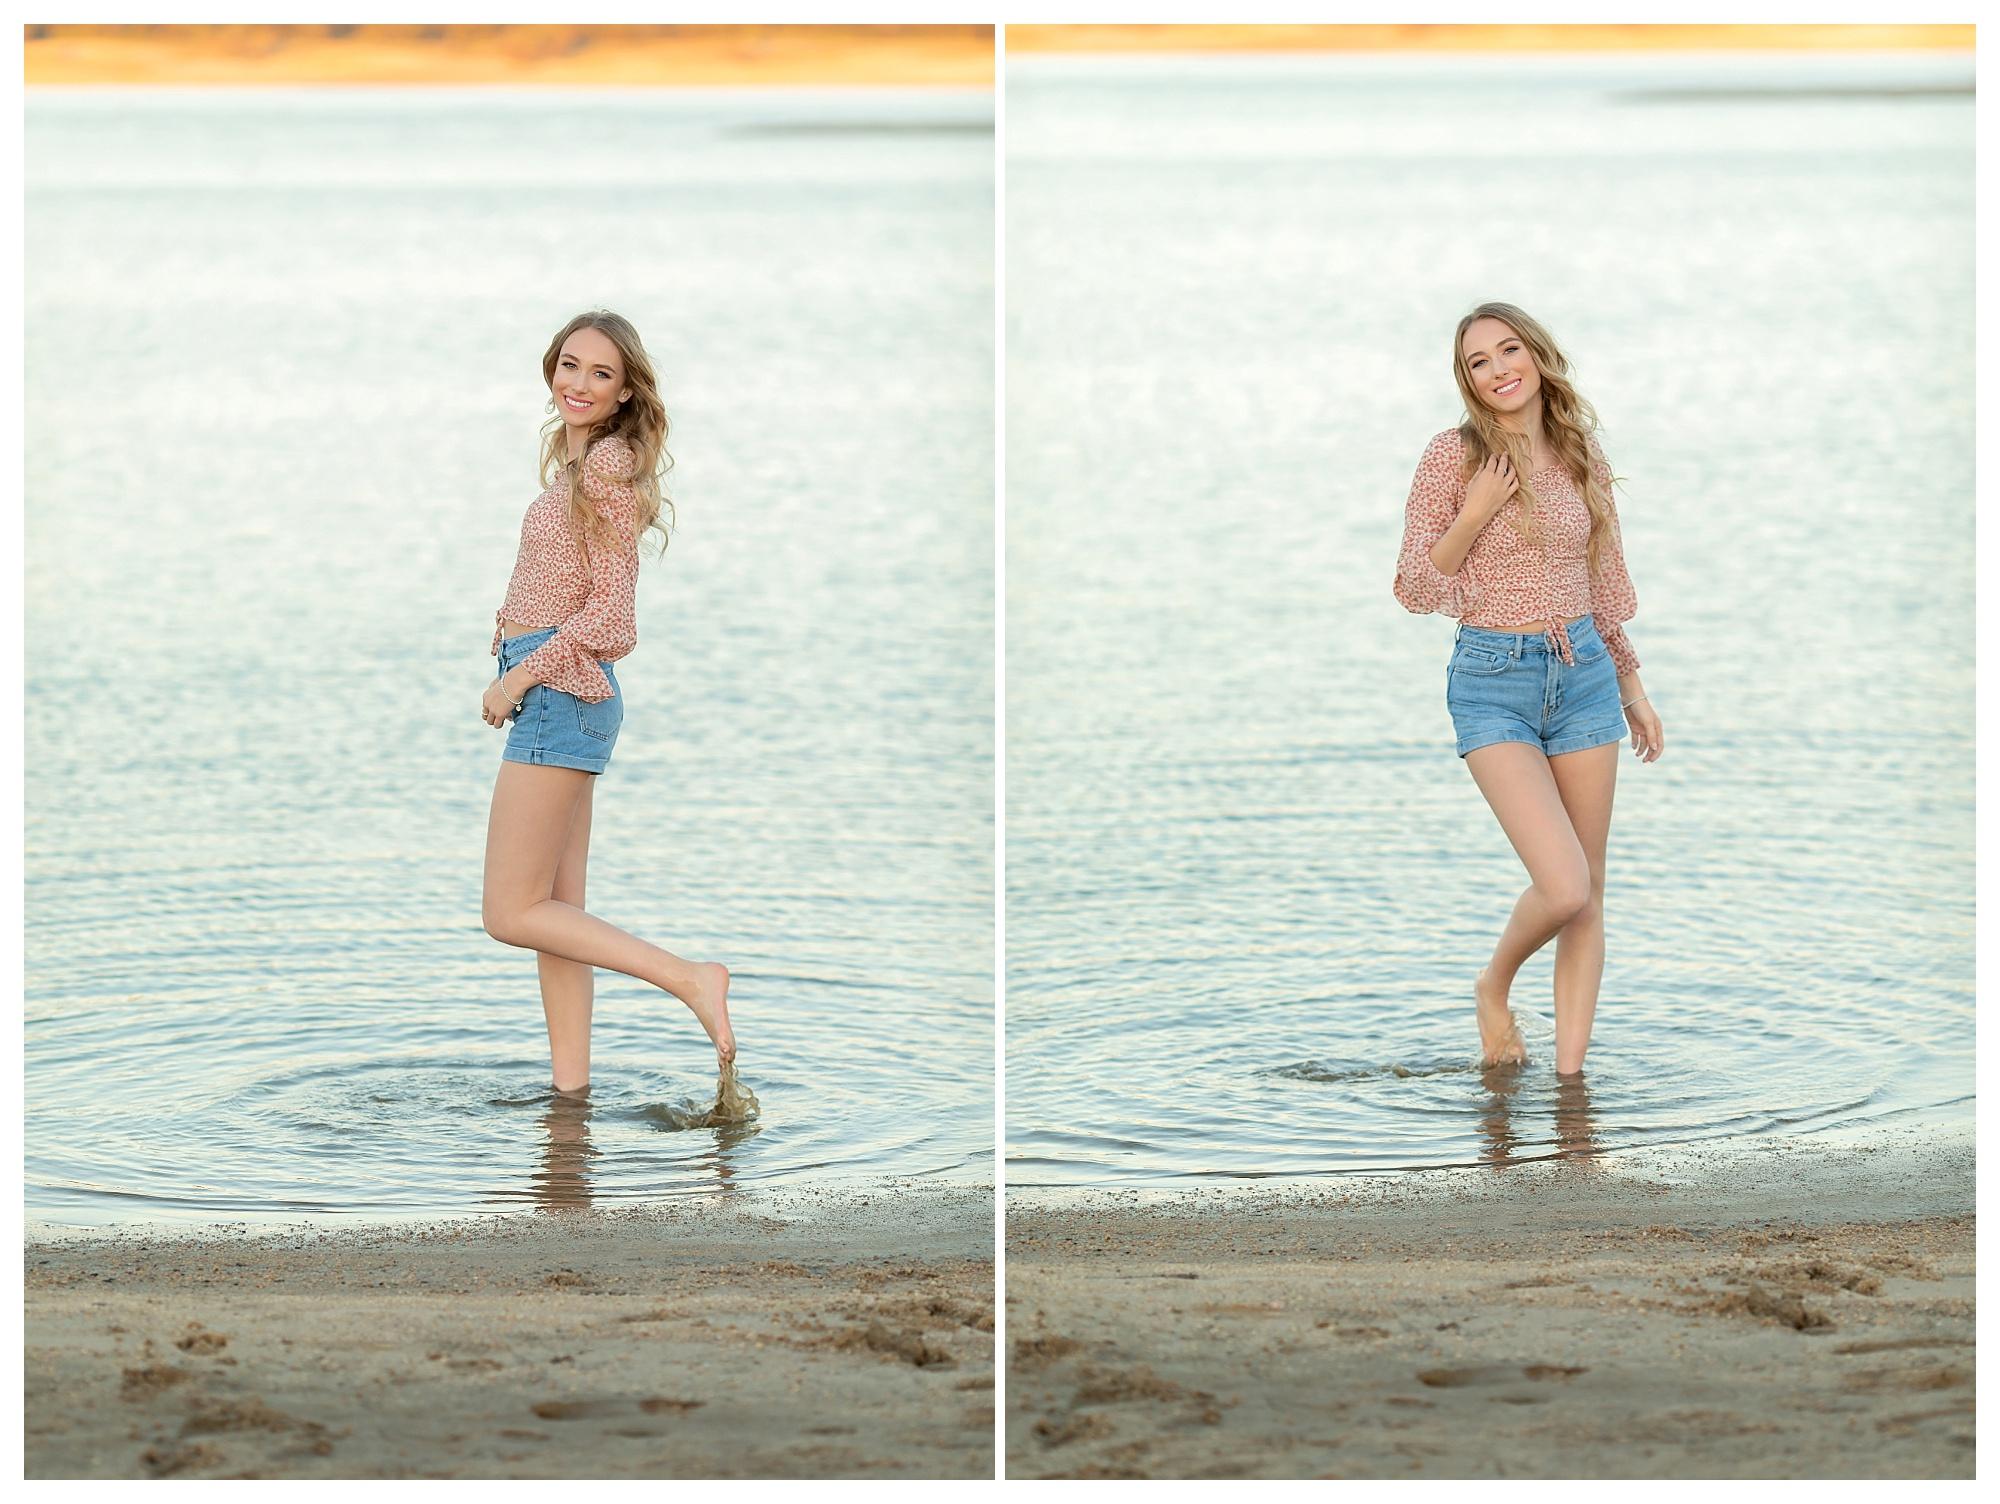 Senior high school girl at Folsom Lake in Granite Bay California